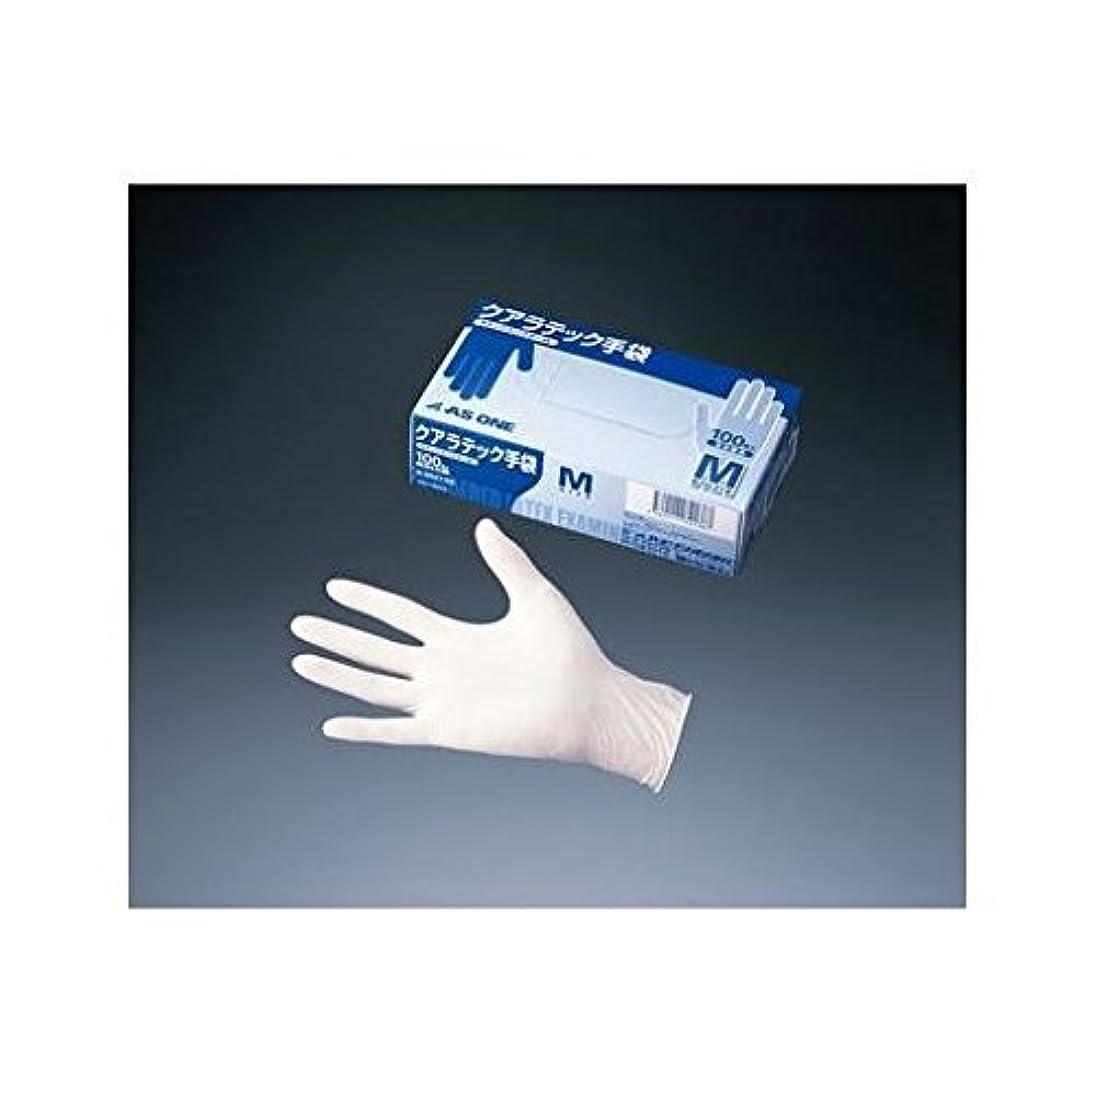 スチュワーデス病気インドJS28025 クアラテック手袋(天然ゴム製) S(100枚入)